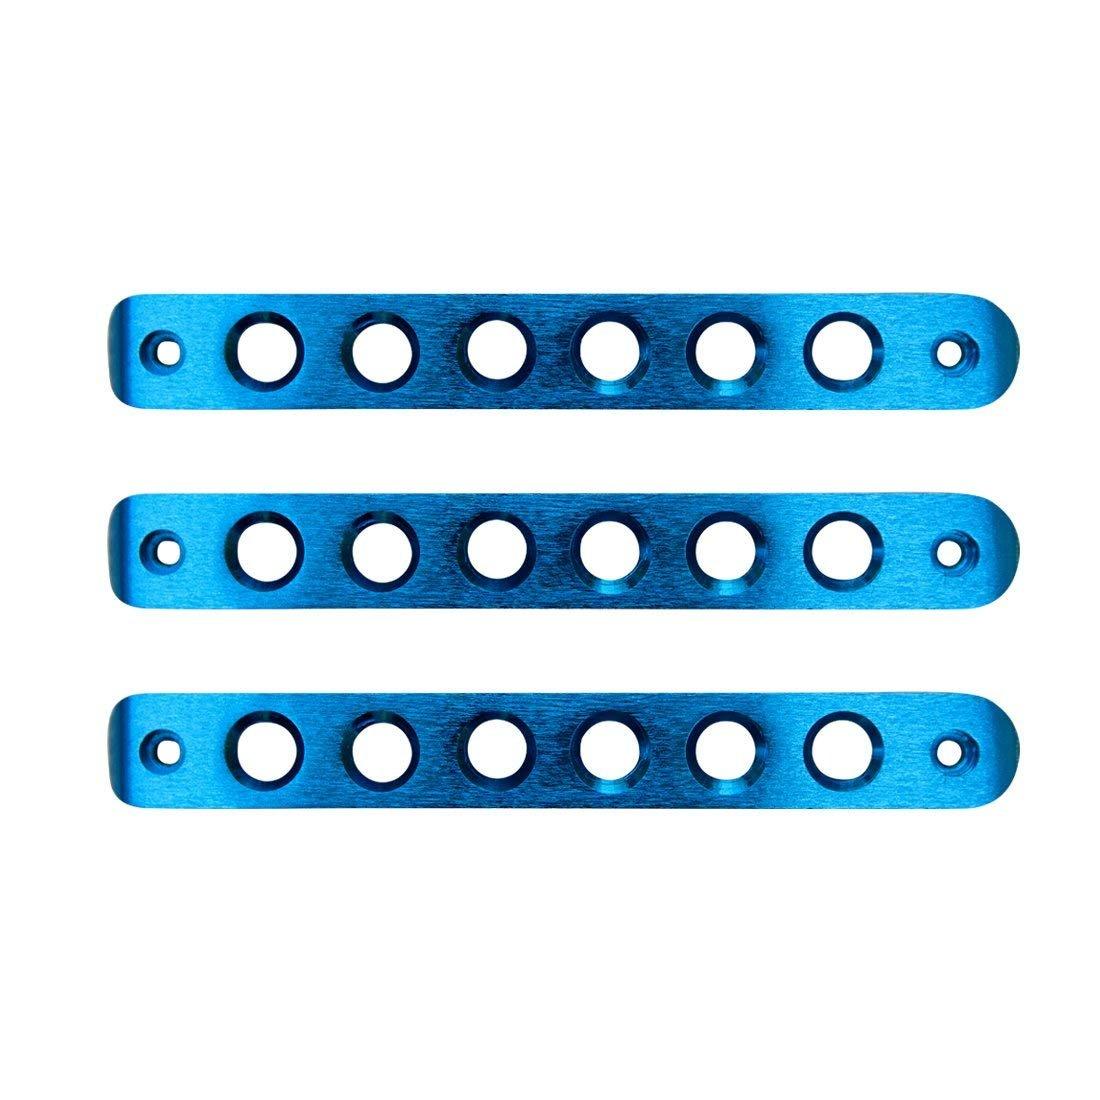 Blue 3pcs Door Aluminum Grab Handle Inserts Cover for Jeep Wrangler JK 2 Door Rubicon Sahara X Sport Accessories Parts 2007-2017